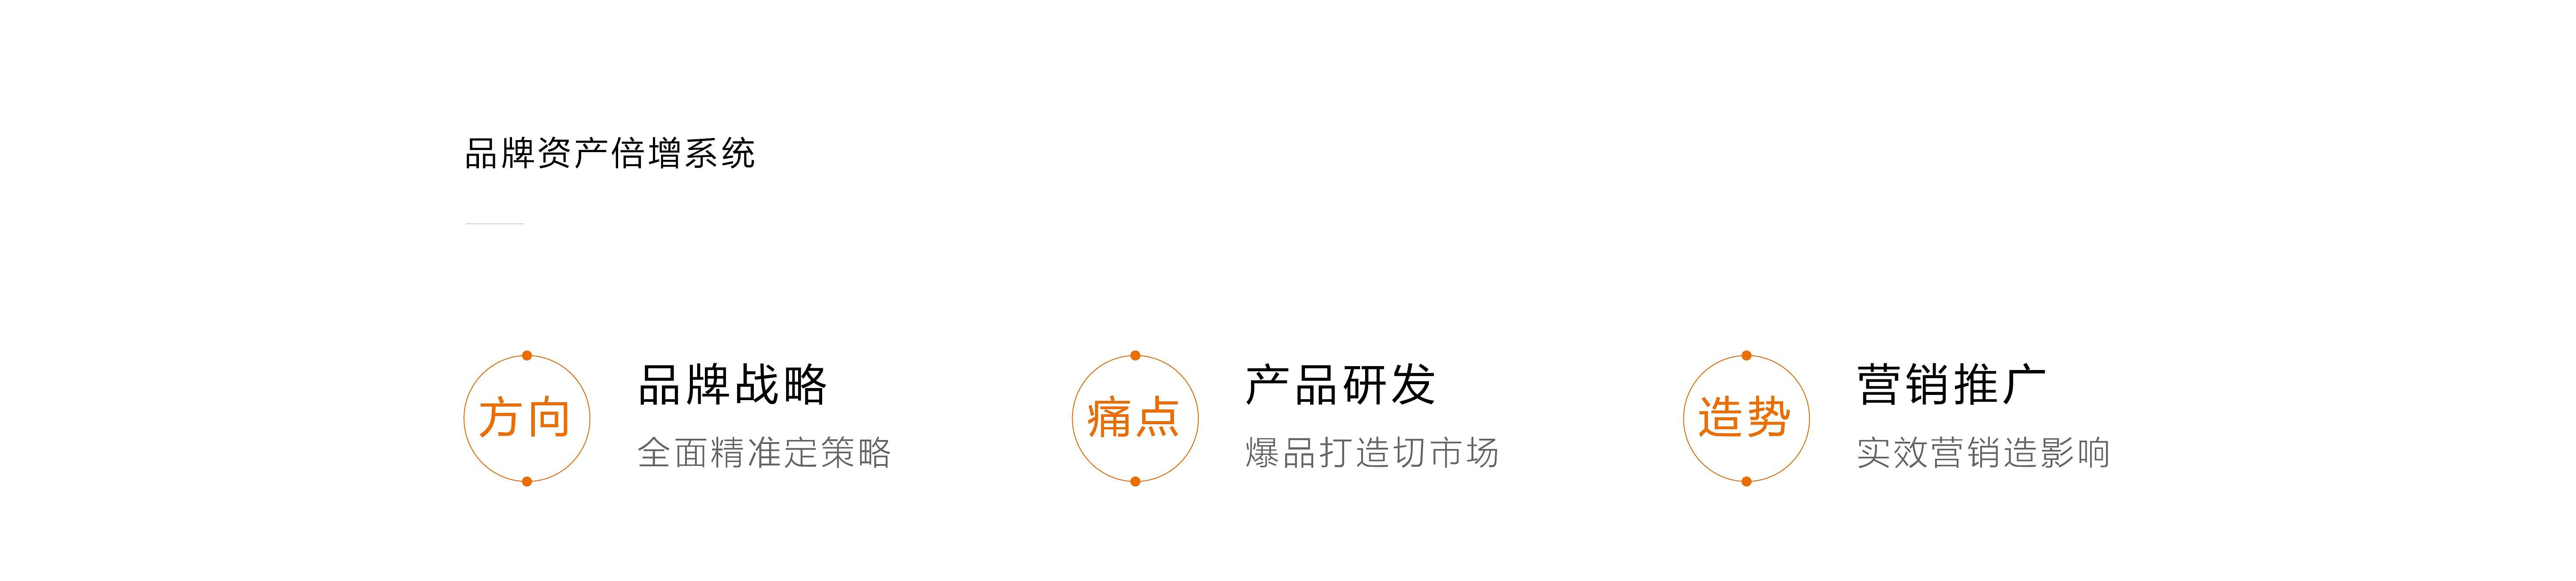 網站【曠達】優勢和流程-06.jpg